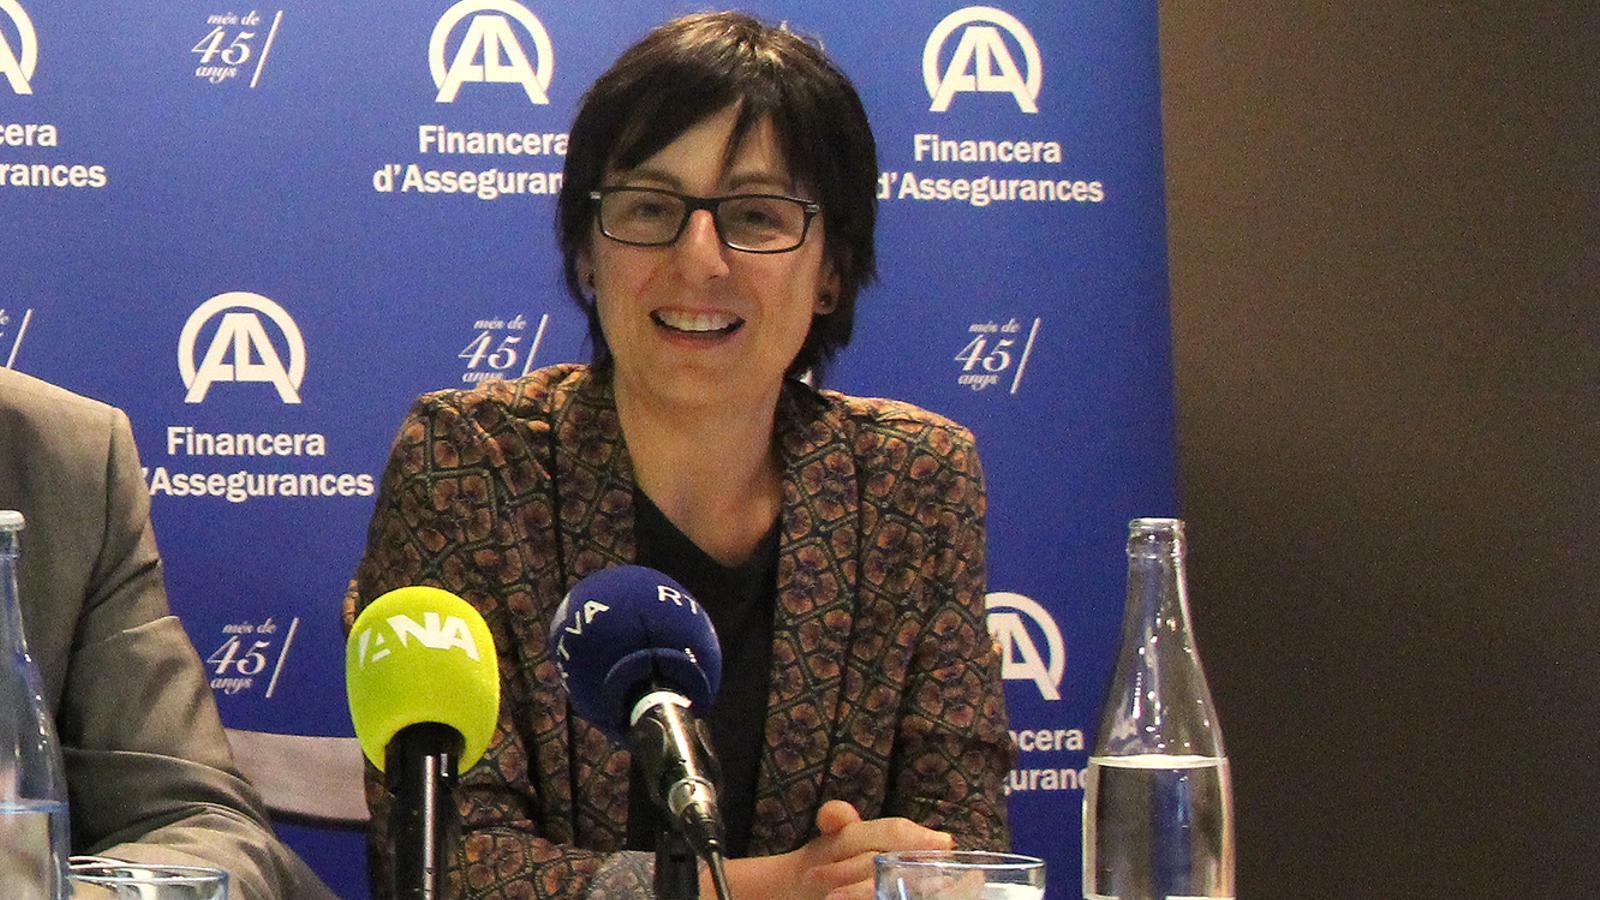 La directora d'Unicef Andorra, Marta Alberch. / M. F. (ANA)